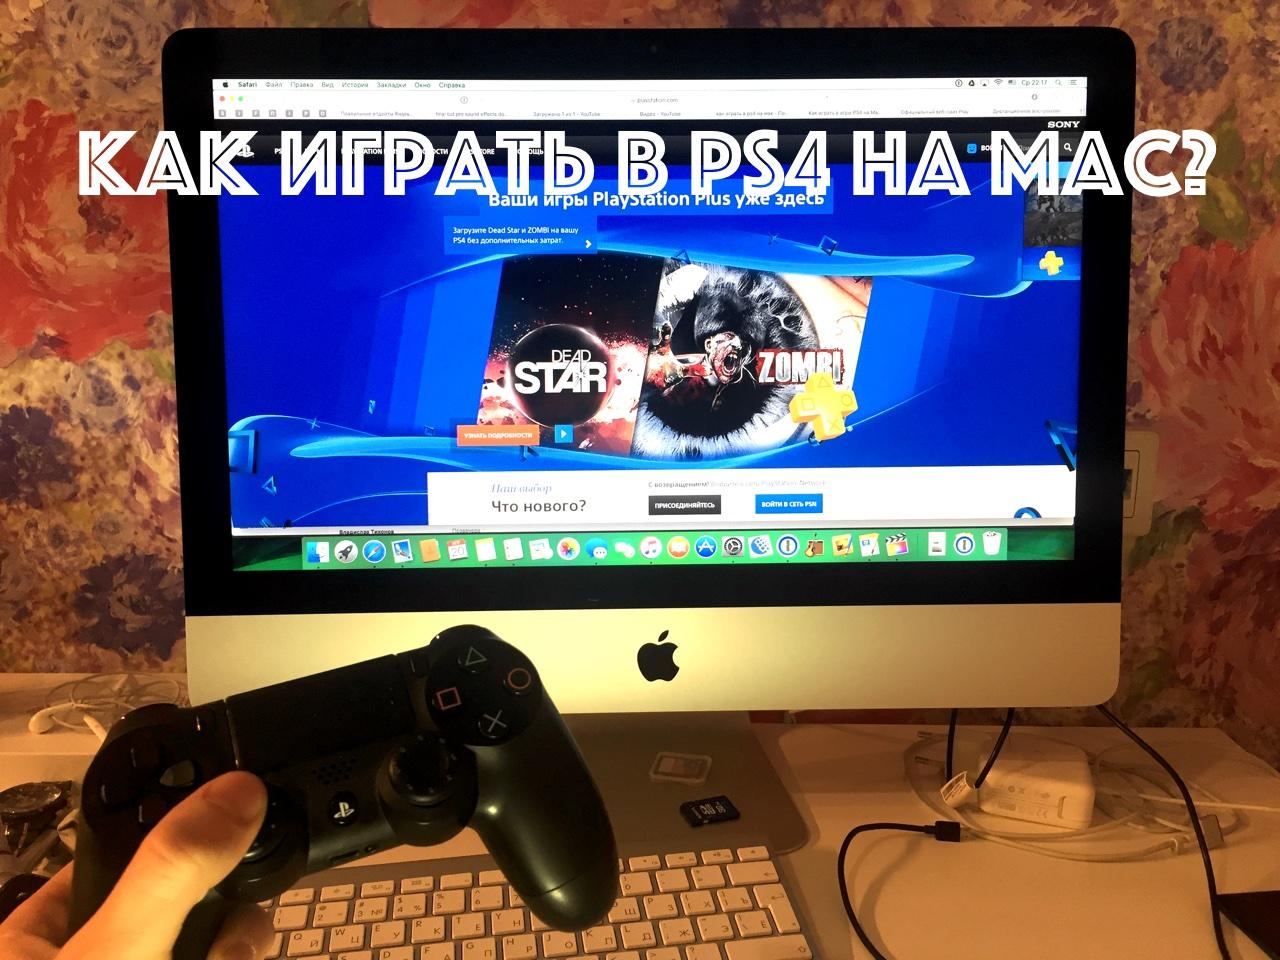 [ВИДЕО] Как играть в PS4 на Mac